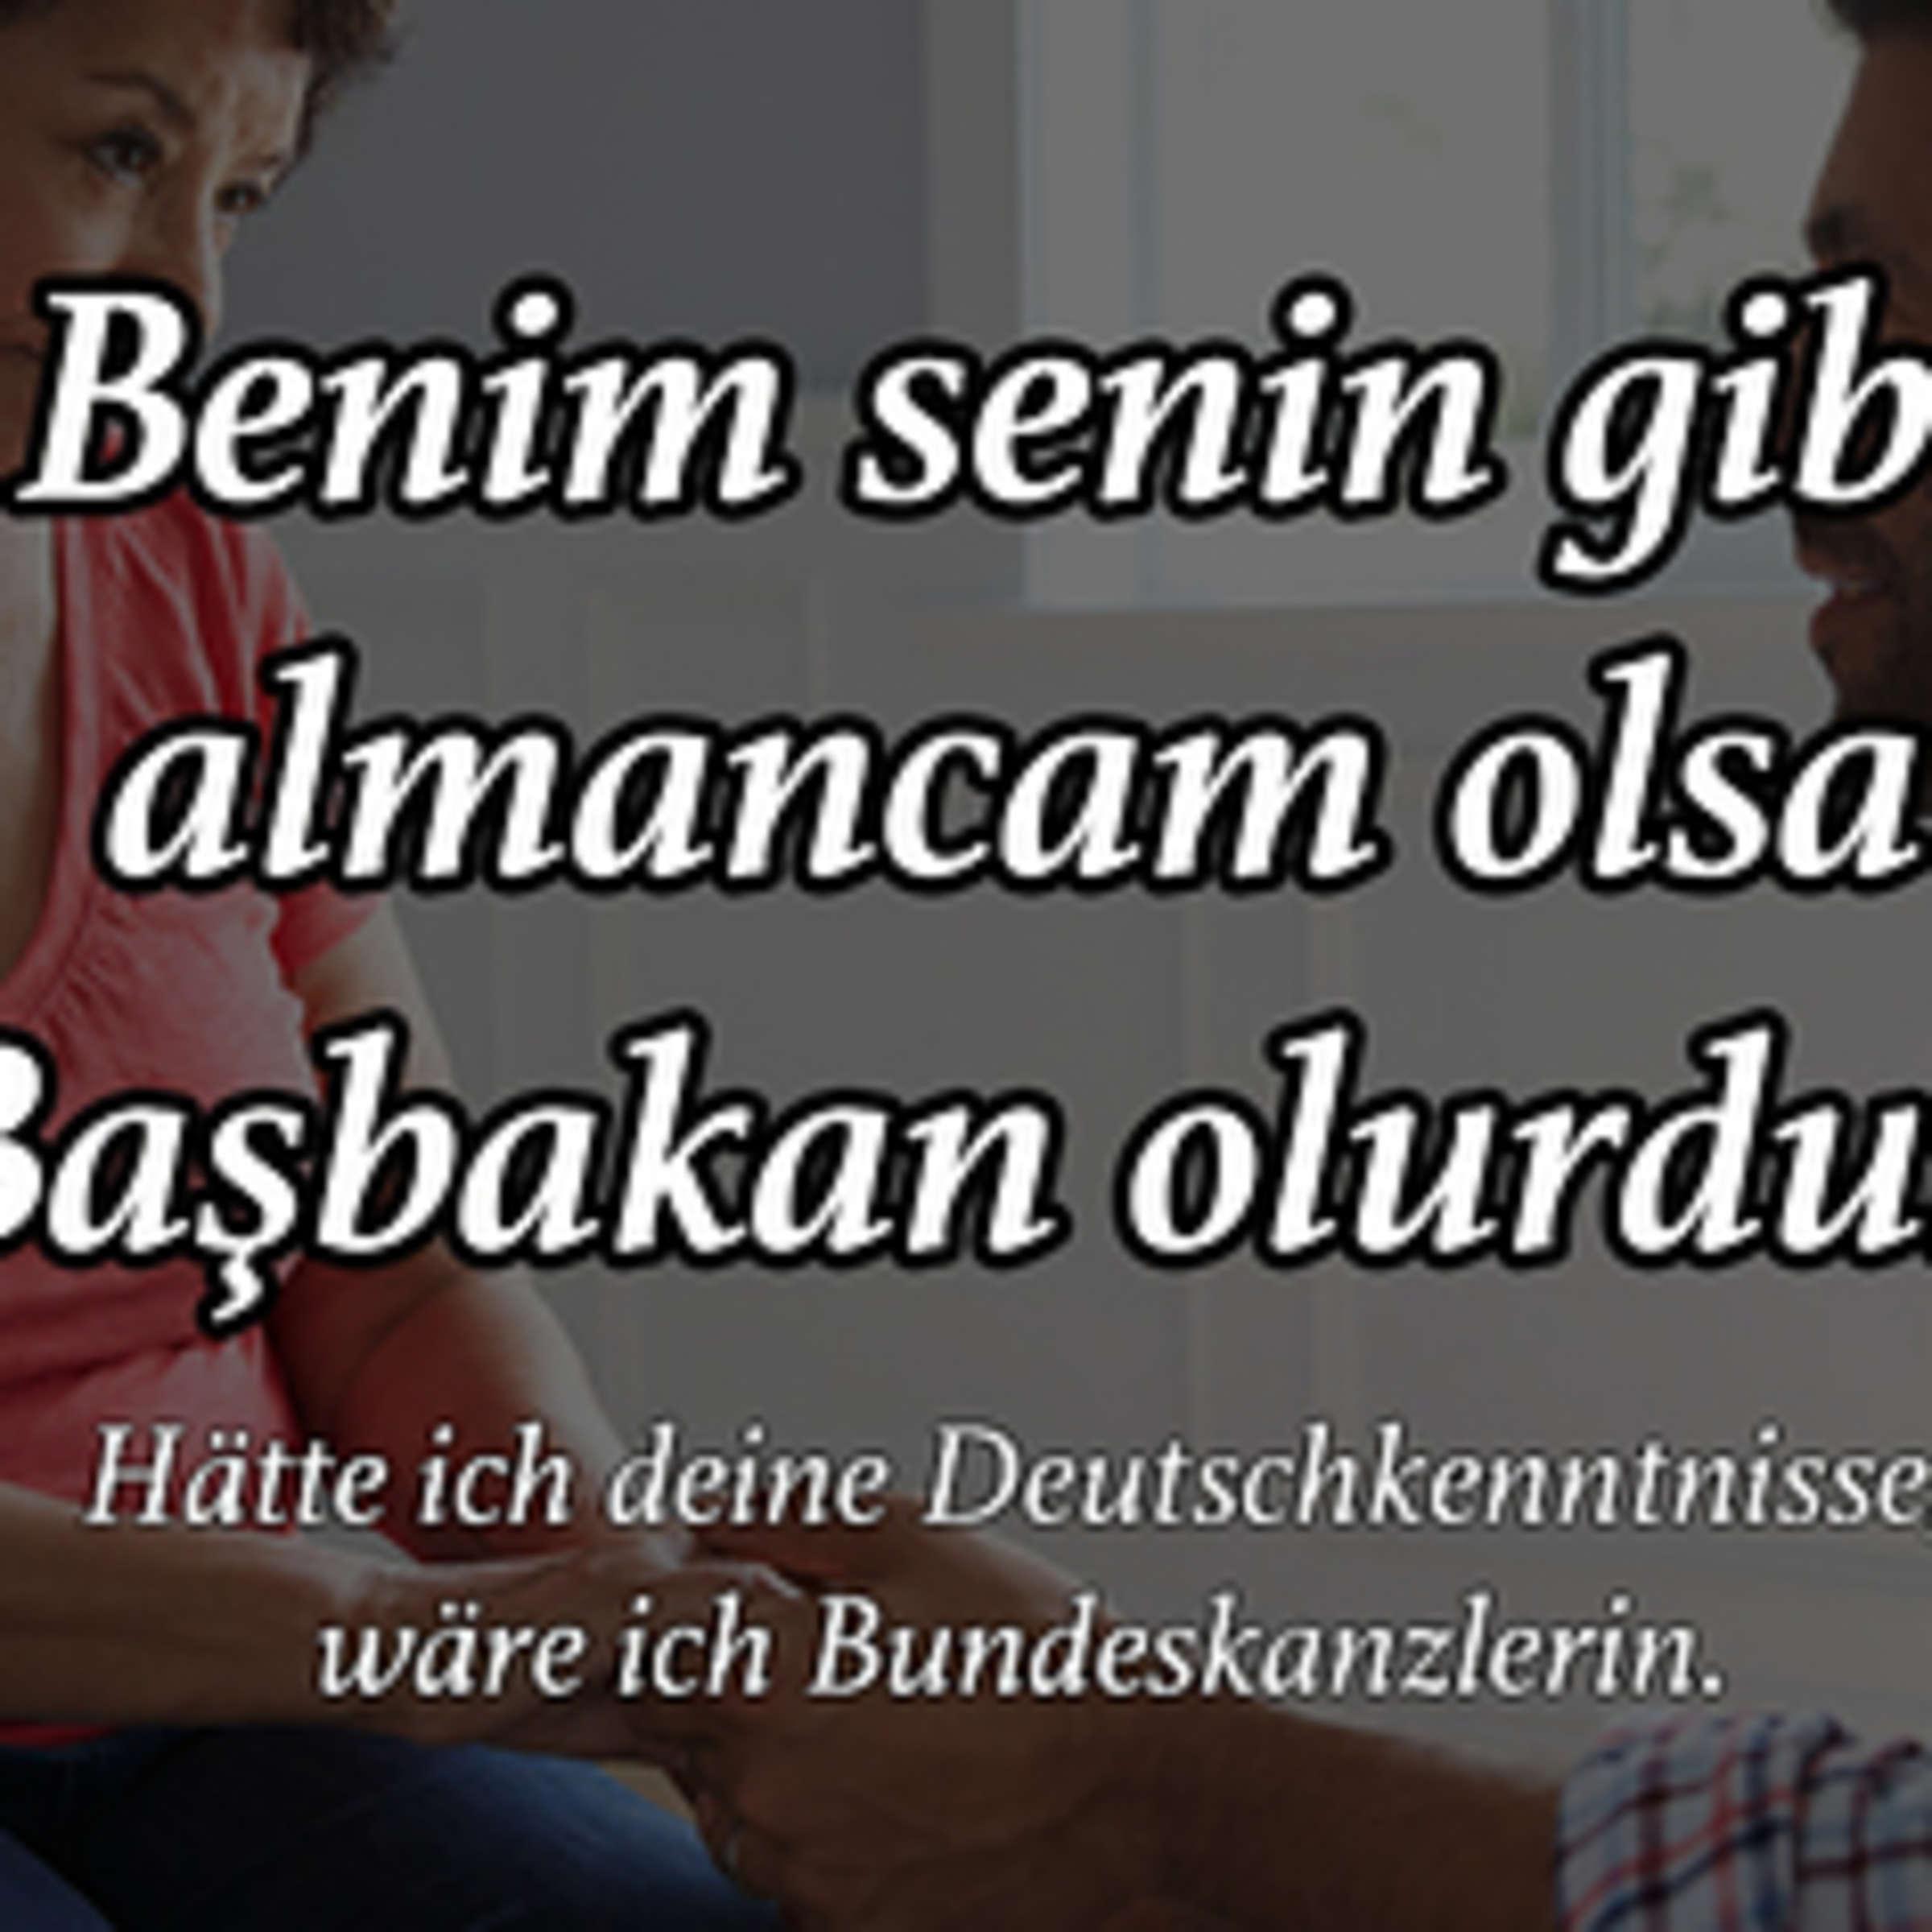 Liebessprüche deutsch türkische Türkische Anmachsprüche